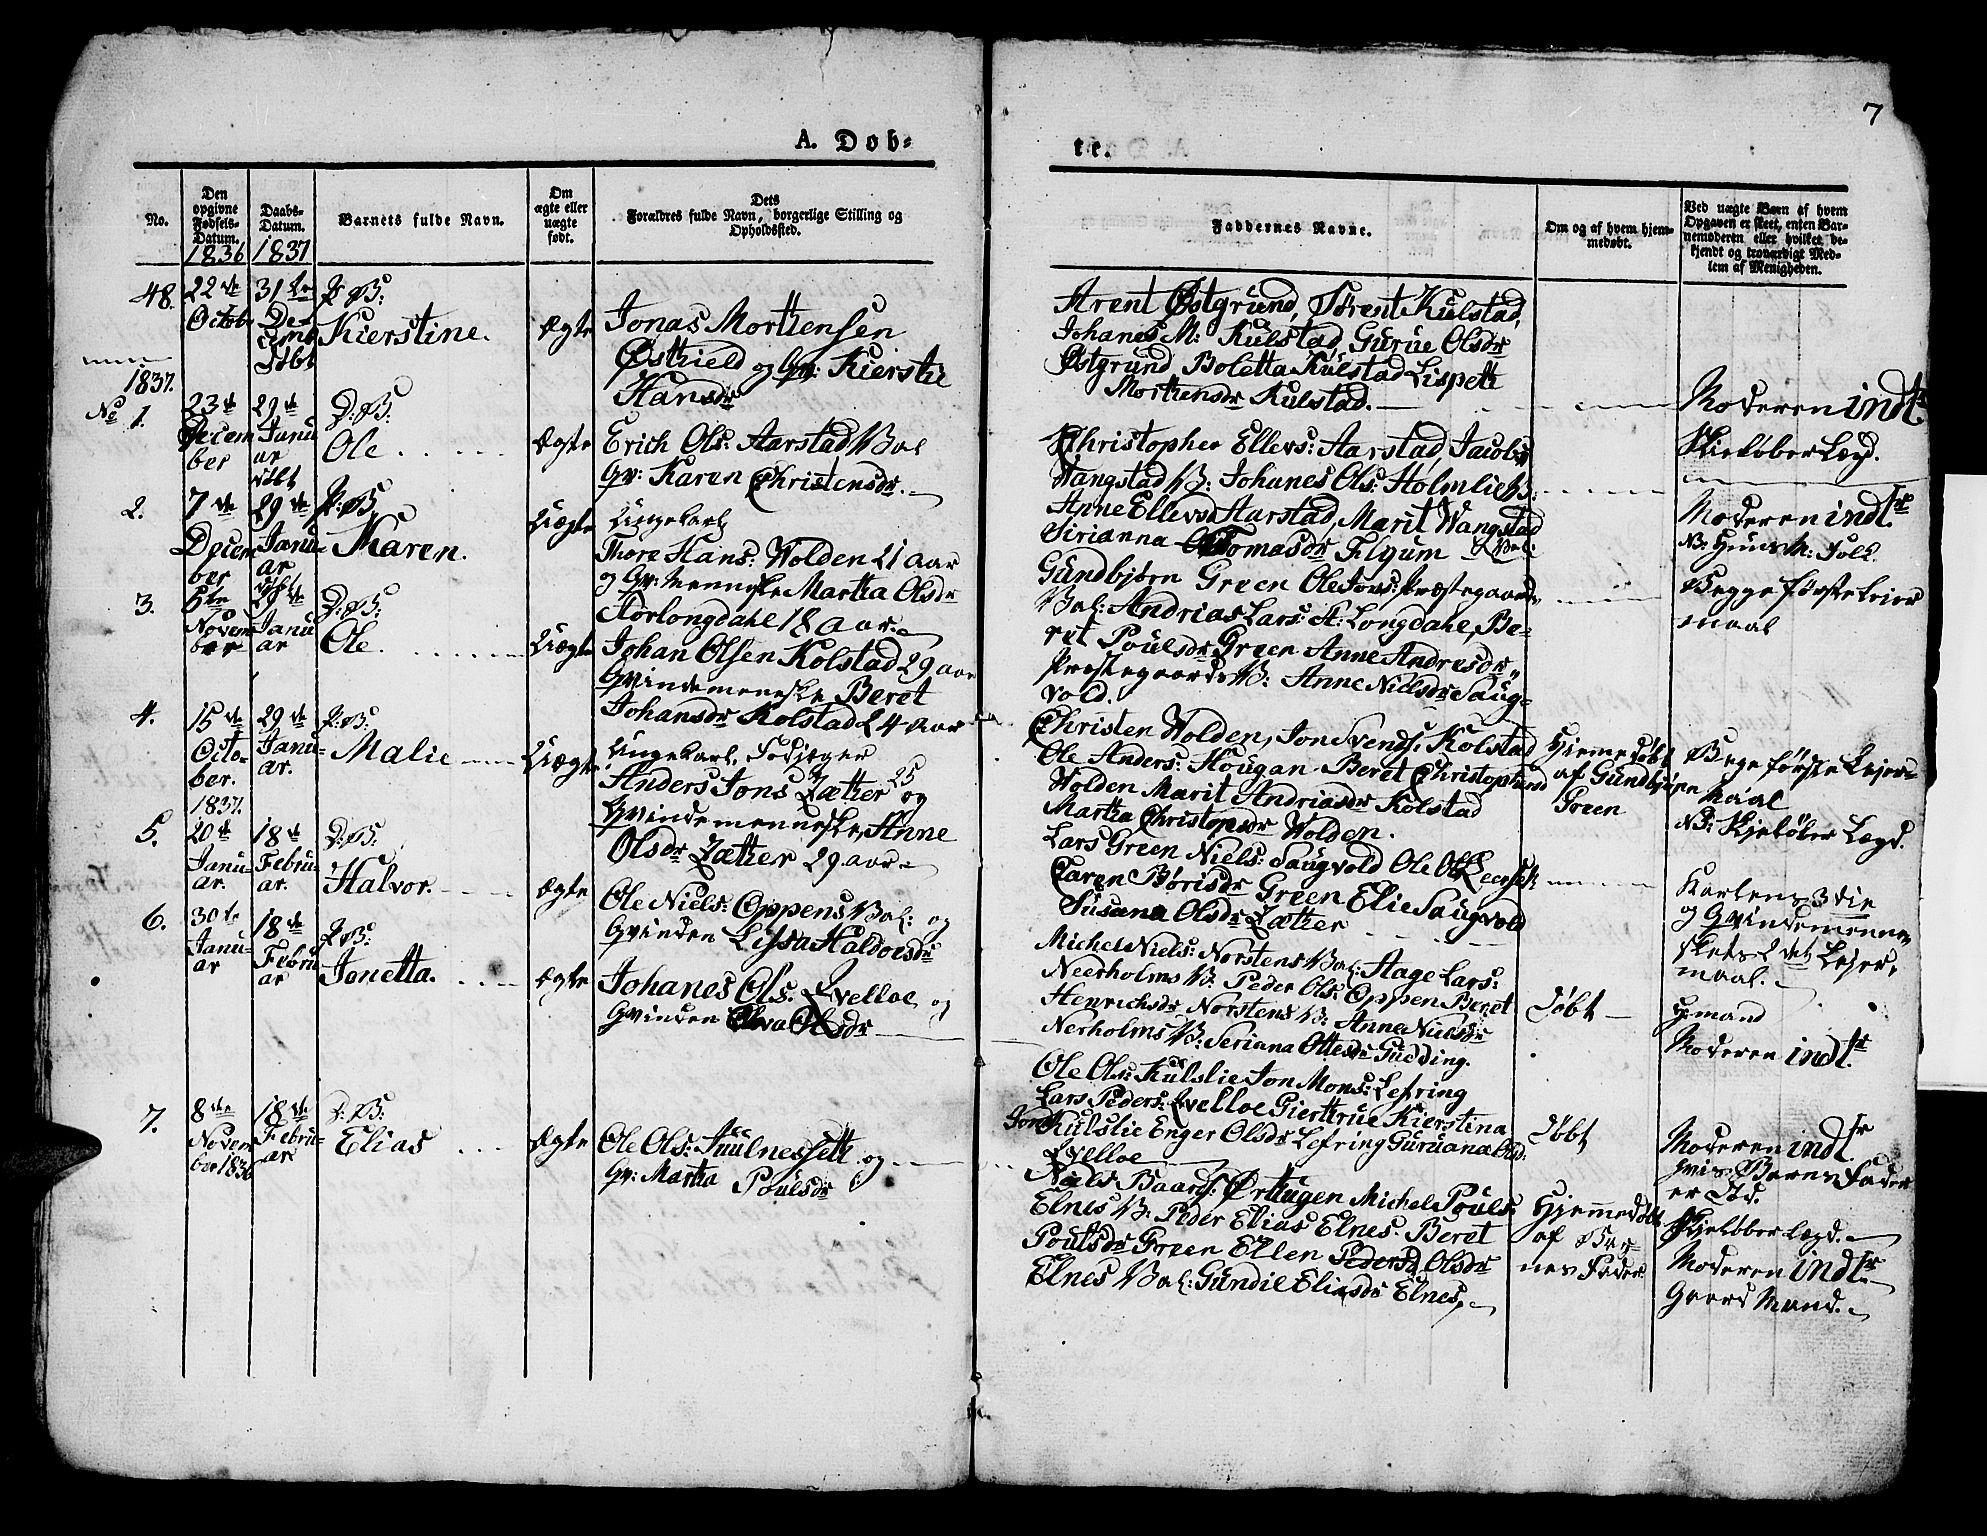 SAT, Ministerialprotokoller, klokkerbøker og fødselsregistre - Nord-Trøndelag, 724/L0266: Klokkerbok nr. 724C02, 1836-1843, s. 7